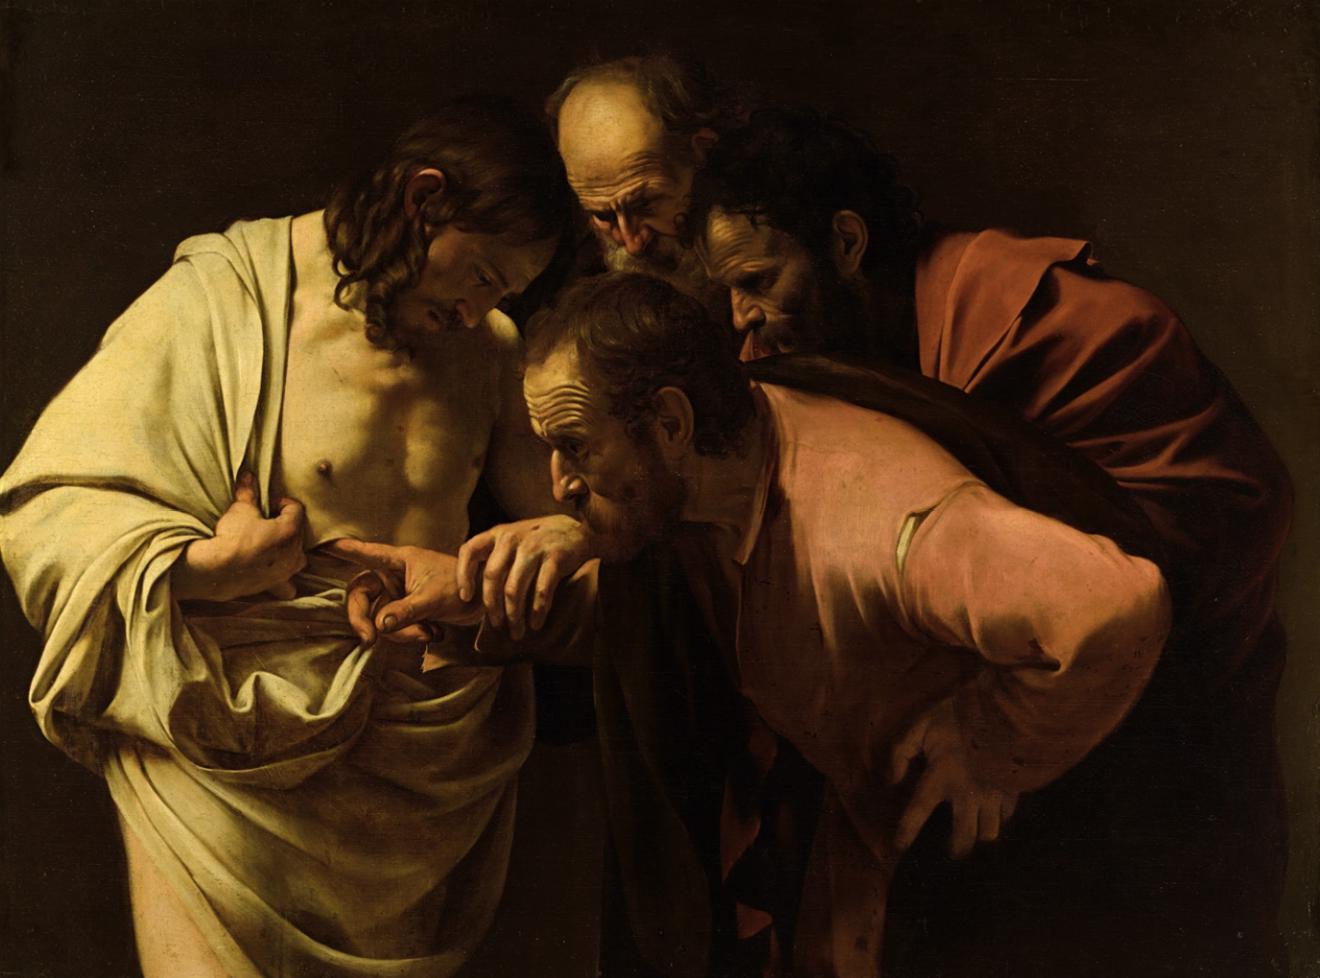 Le corps du Ressuscité, une expérience qui rassure ou qui ébranle?